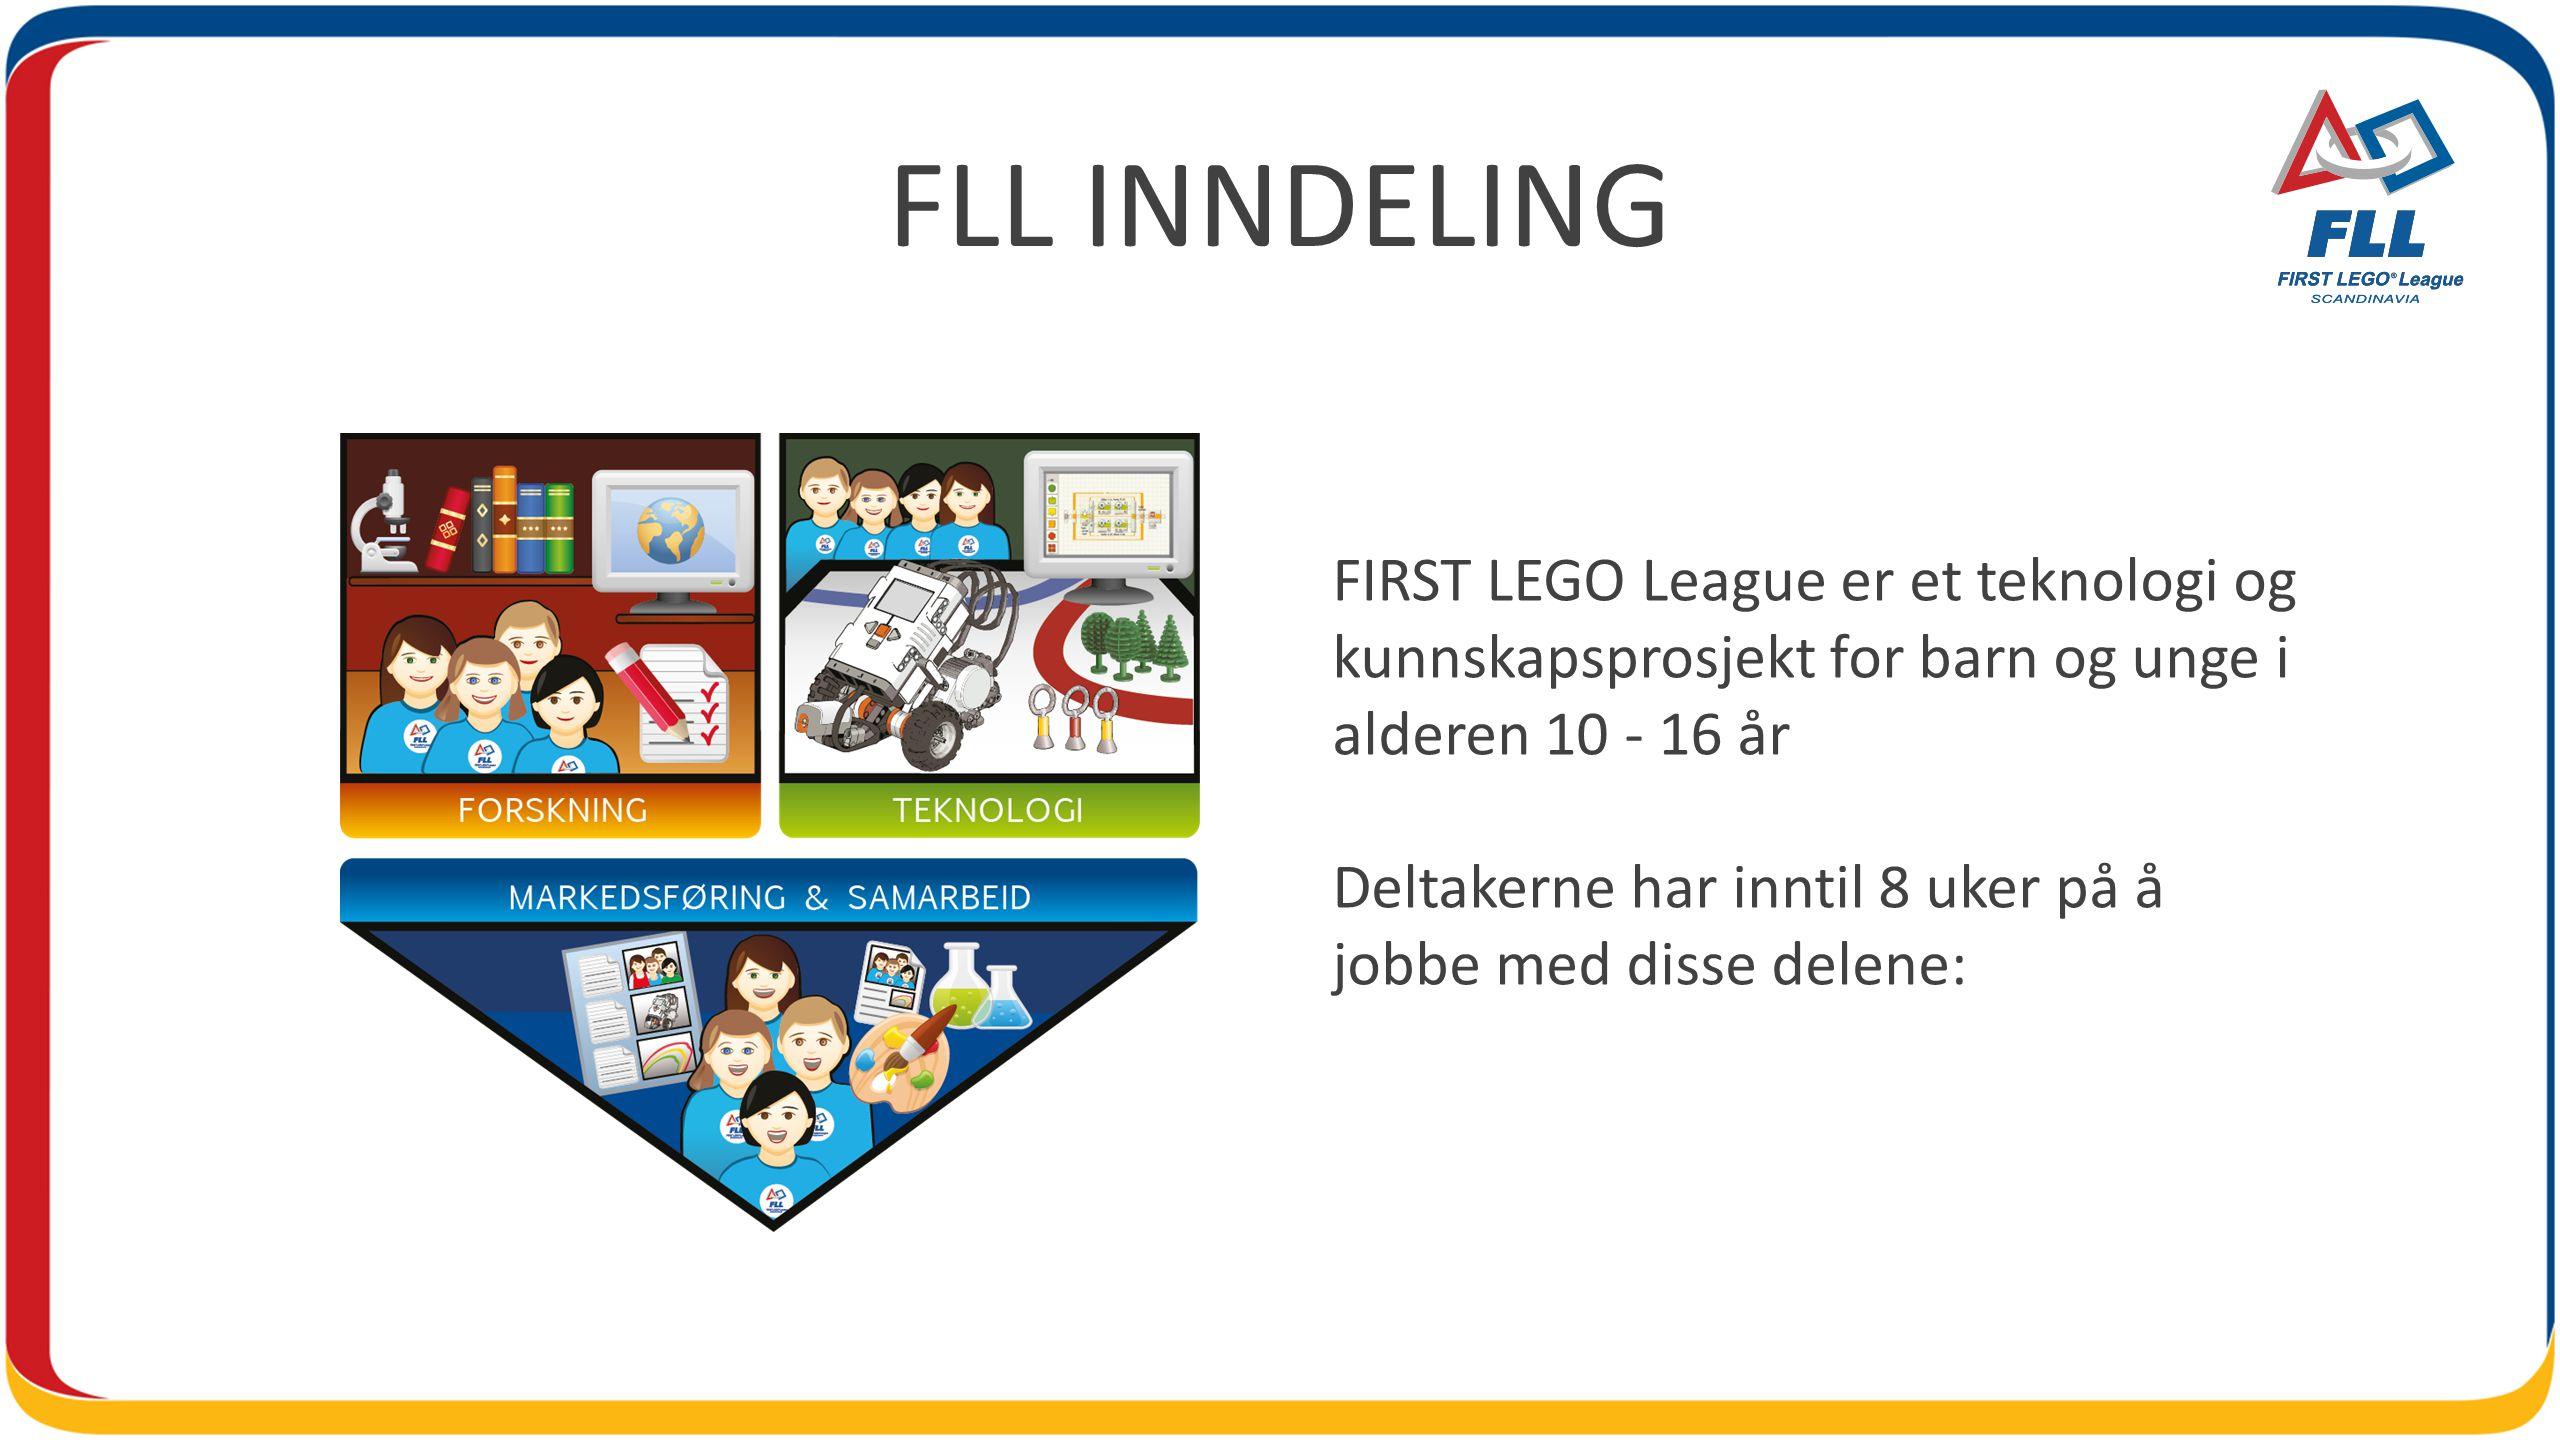 FLL INNDELING FIRST LEGO League er et teknologi og kunnskapsprosjekt for barn og unge i alderen 10 - 16 år Deltakerne har inntil 8 uker på å jobbe med disse delene: